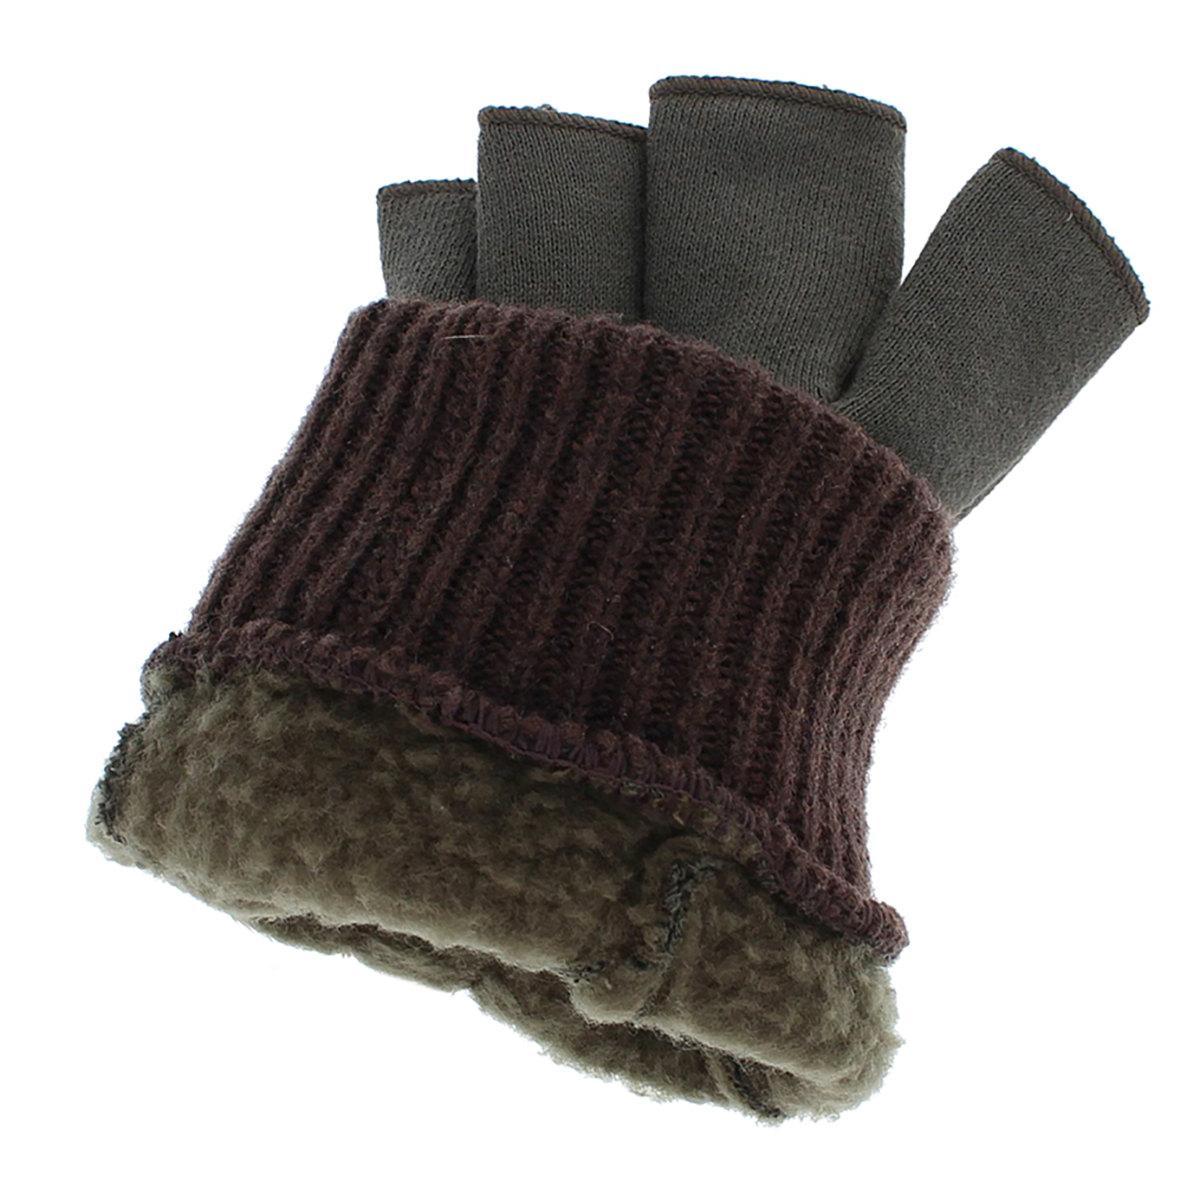 メンズ 指切り 指なし 手袋 ジャージ 人気ブランド オロビアンコ orobianco 男性用 防寒 スマホ対応 通学 通勤 ギフト フリーサイズ